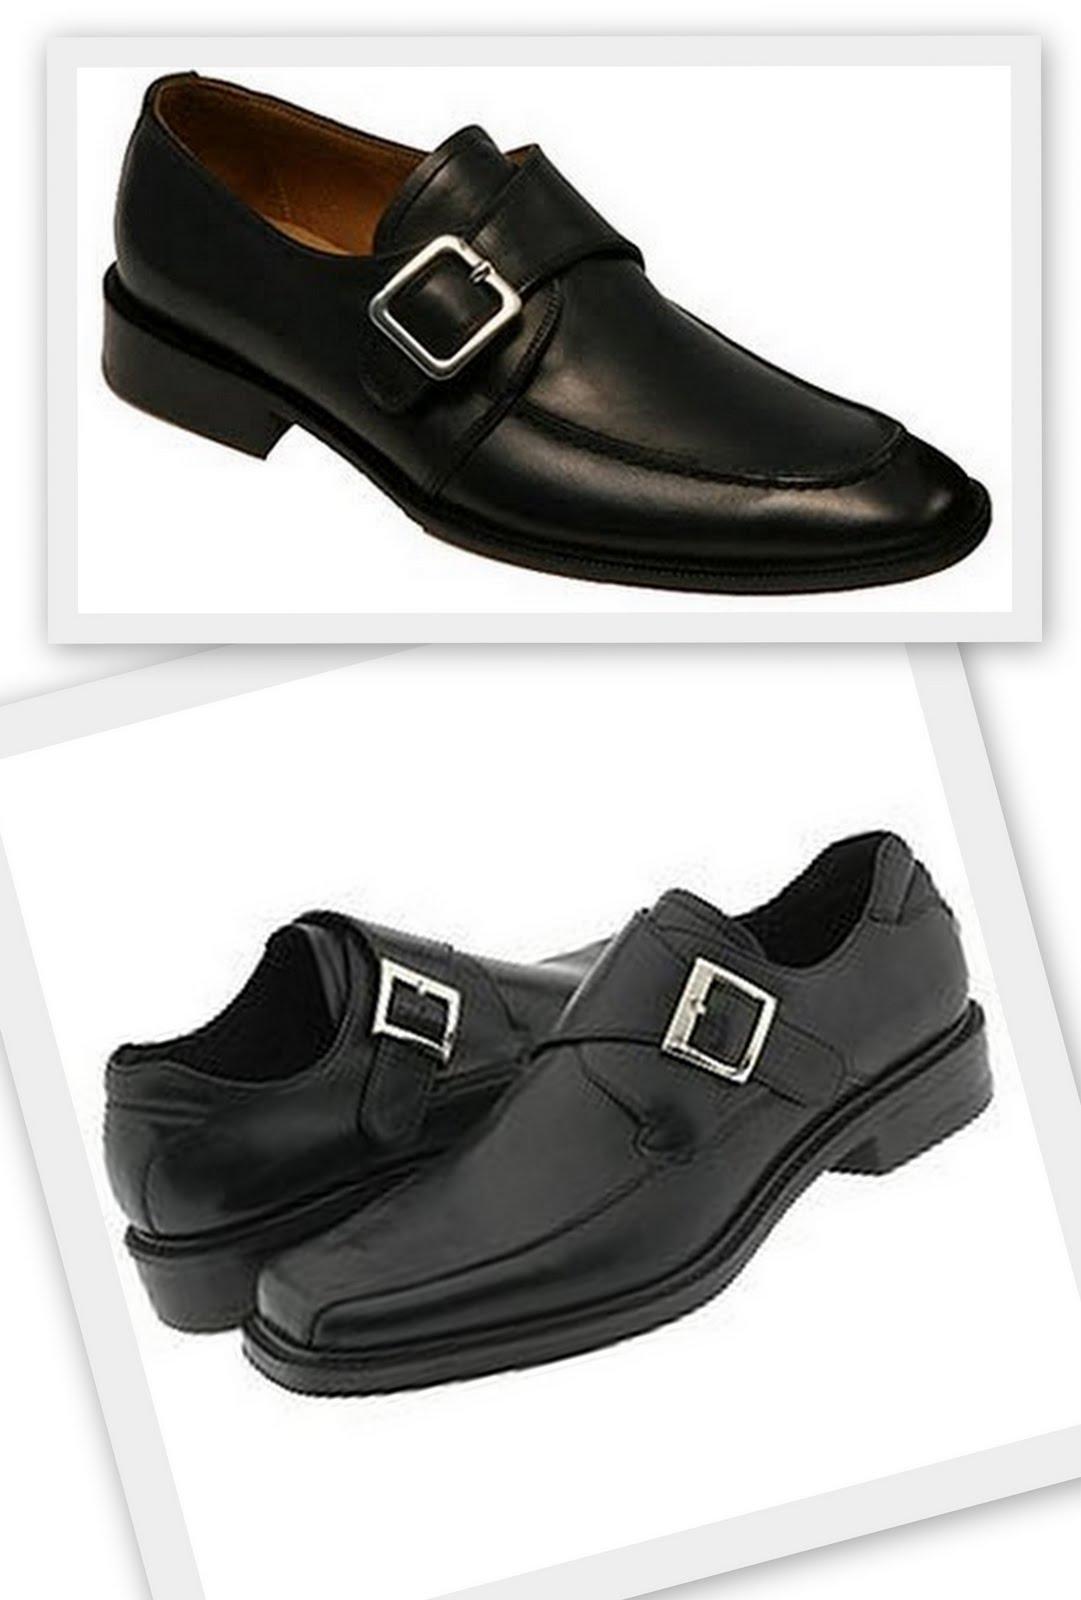 5aee7efb492 Sapatos masculinos - Aprenda a escolher o ideal ~ Imagem E Estilo